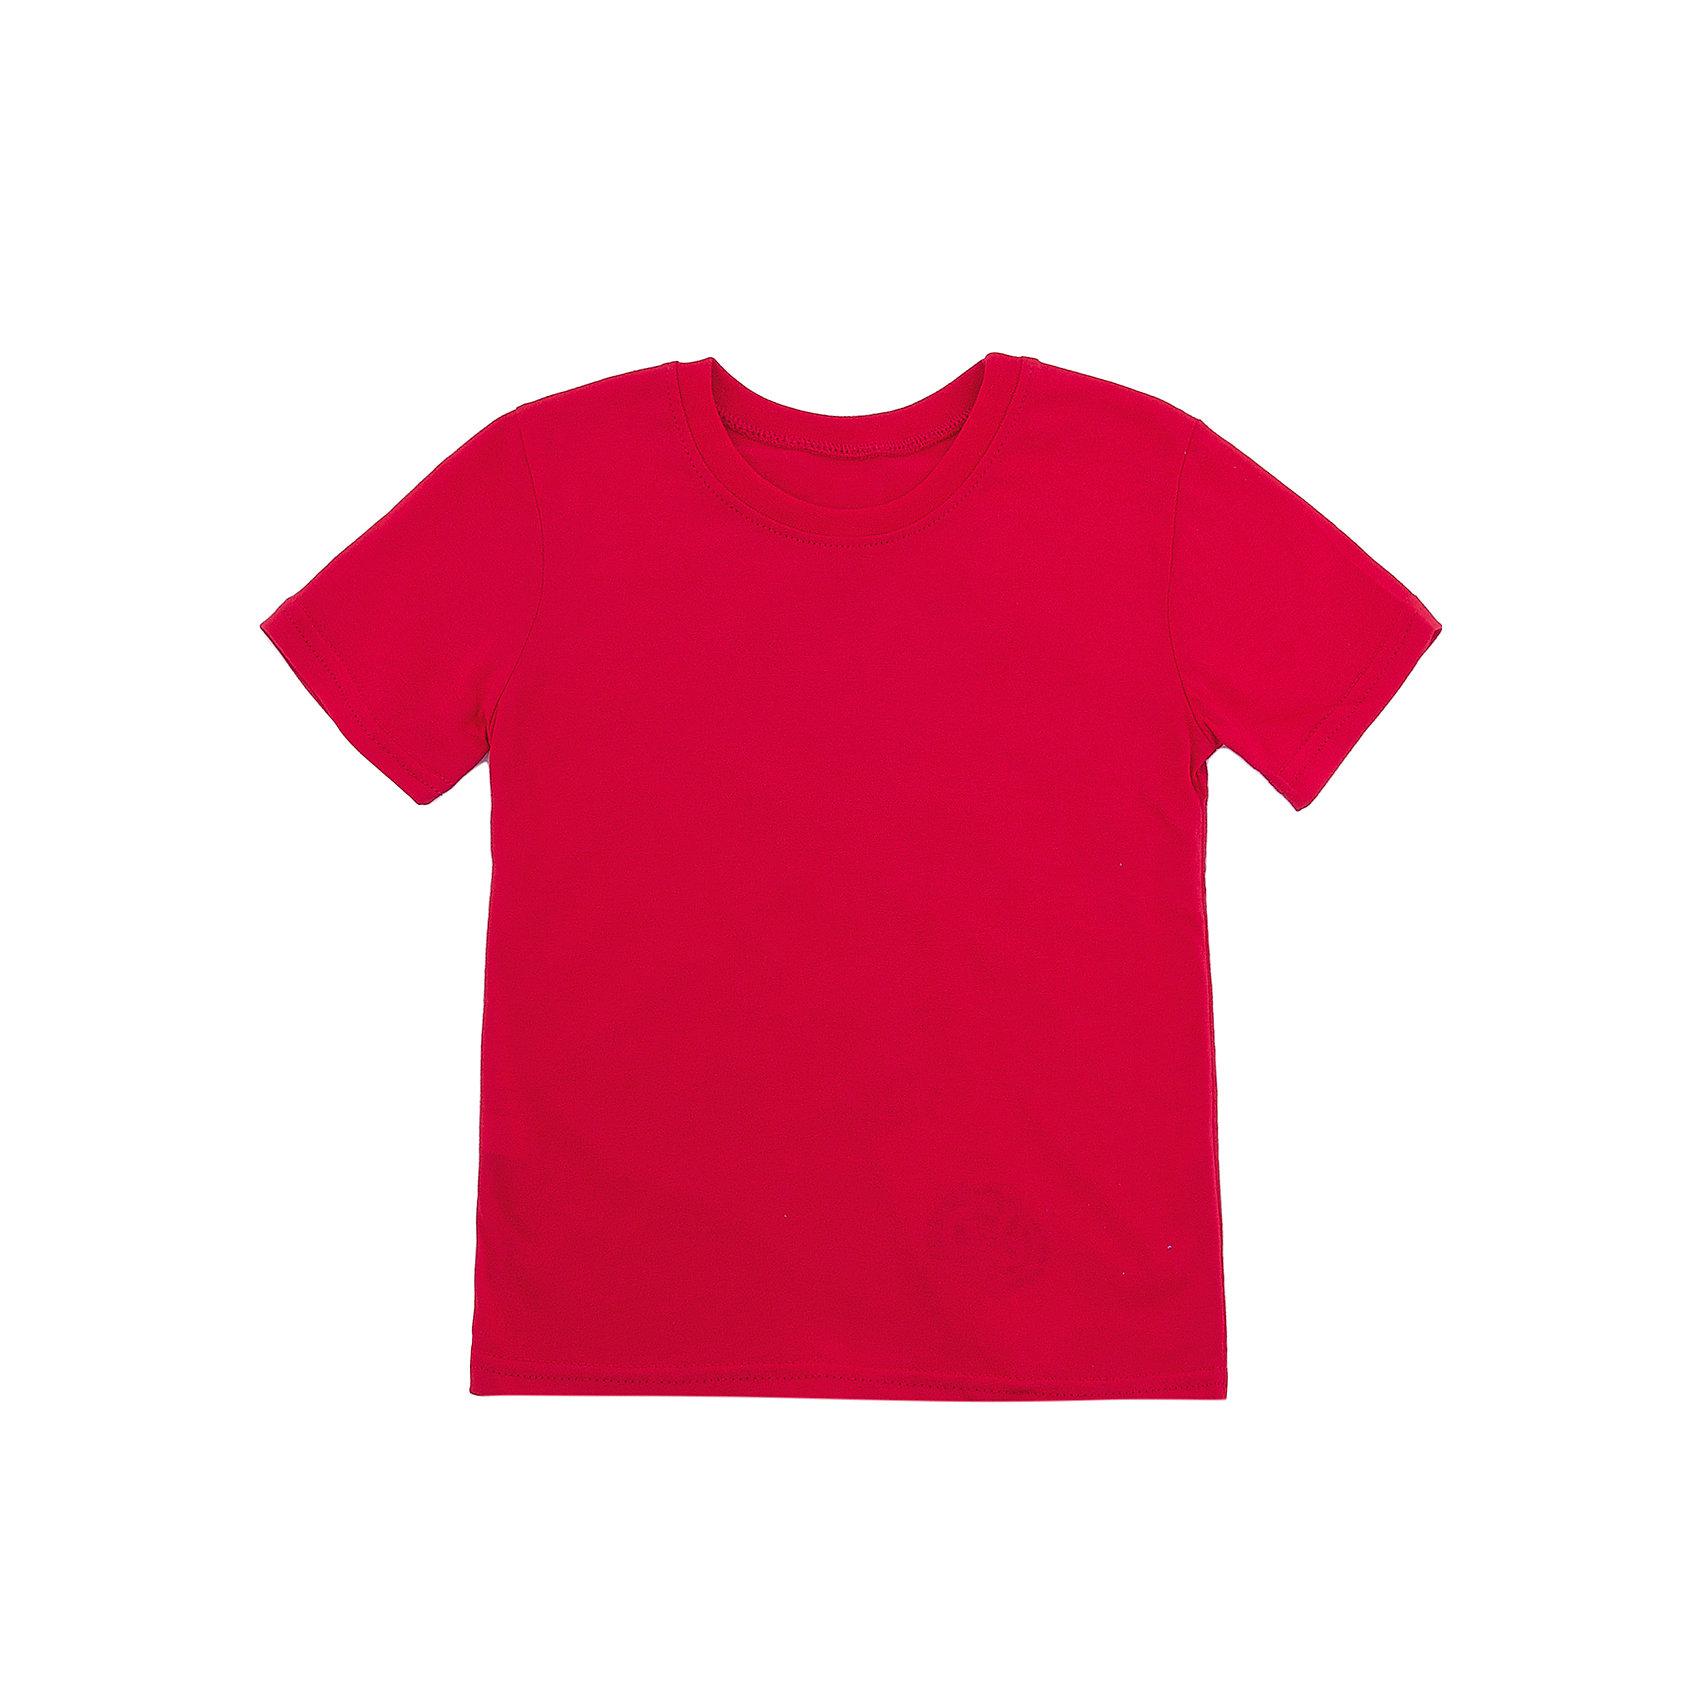 Футболка M&amp;DФутболки, поло и топы<br>Характеристики товара:<br><br>• цвет: красный<br>• состав: 100% хлопок<br>• сезон: лето<br>• короткие рукава<br>• страна бренда: Россия<br>• страна производства: Россия<br><br>Красная футболка для детей легко надевается благодаря эластичному материалу. Детская хлопковая футболка легко стирается и долго служит. Футболка для детей от M&amp;D сделана из хлопкового трикотажа. <br><br>Футболку M&amp;D можно купить в нашем интернет-магазине.<br><br>Ширина мм: 199<br>Глубина мм: 10<br>Высота мм: 161<br>Вес г: 151<br>Цвет: красный<br>Возраст от месяцев: 60<br>Возраст до месяцев: 72<br>Пол: Унисекс<br>Возраст: Детский<br>Размер: 116,92,104<br>SKU: 7012746